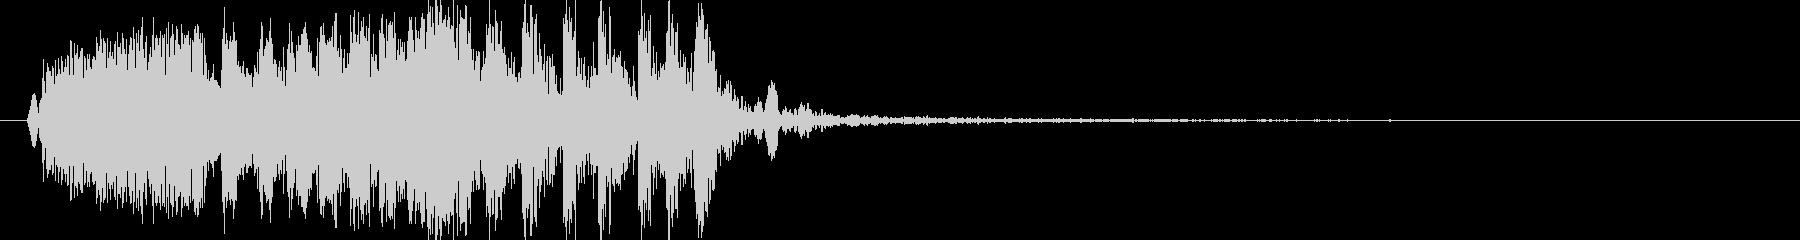 モンスターの鳴き声(鳥系1)の未再生の波形